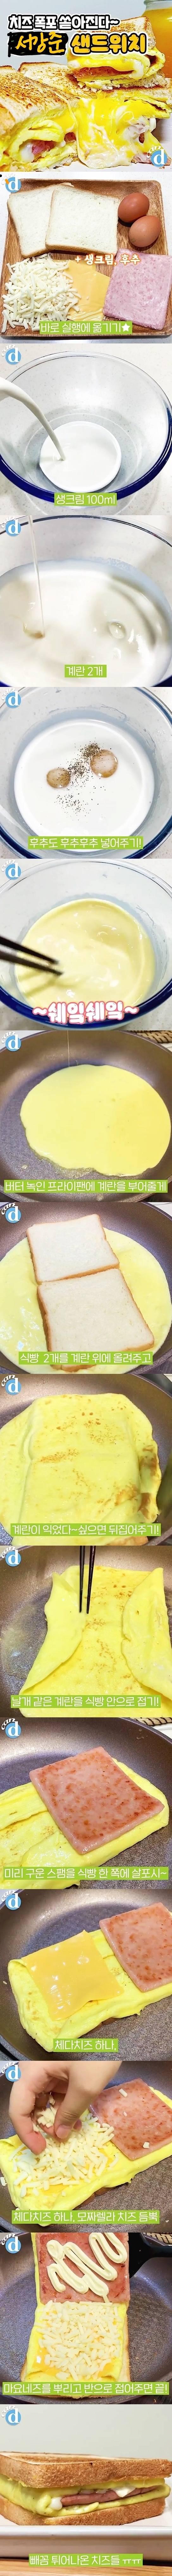 반응 오진다는 서강준 샌드위치 레시피.JPGGIF | 인스티즈